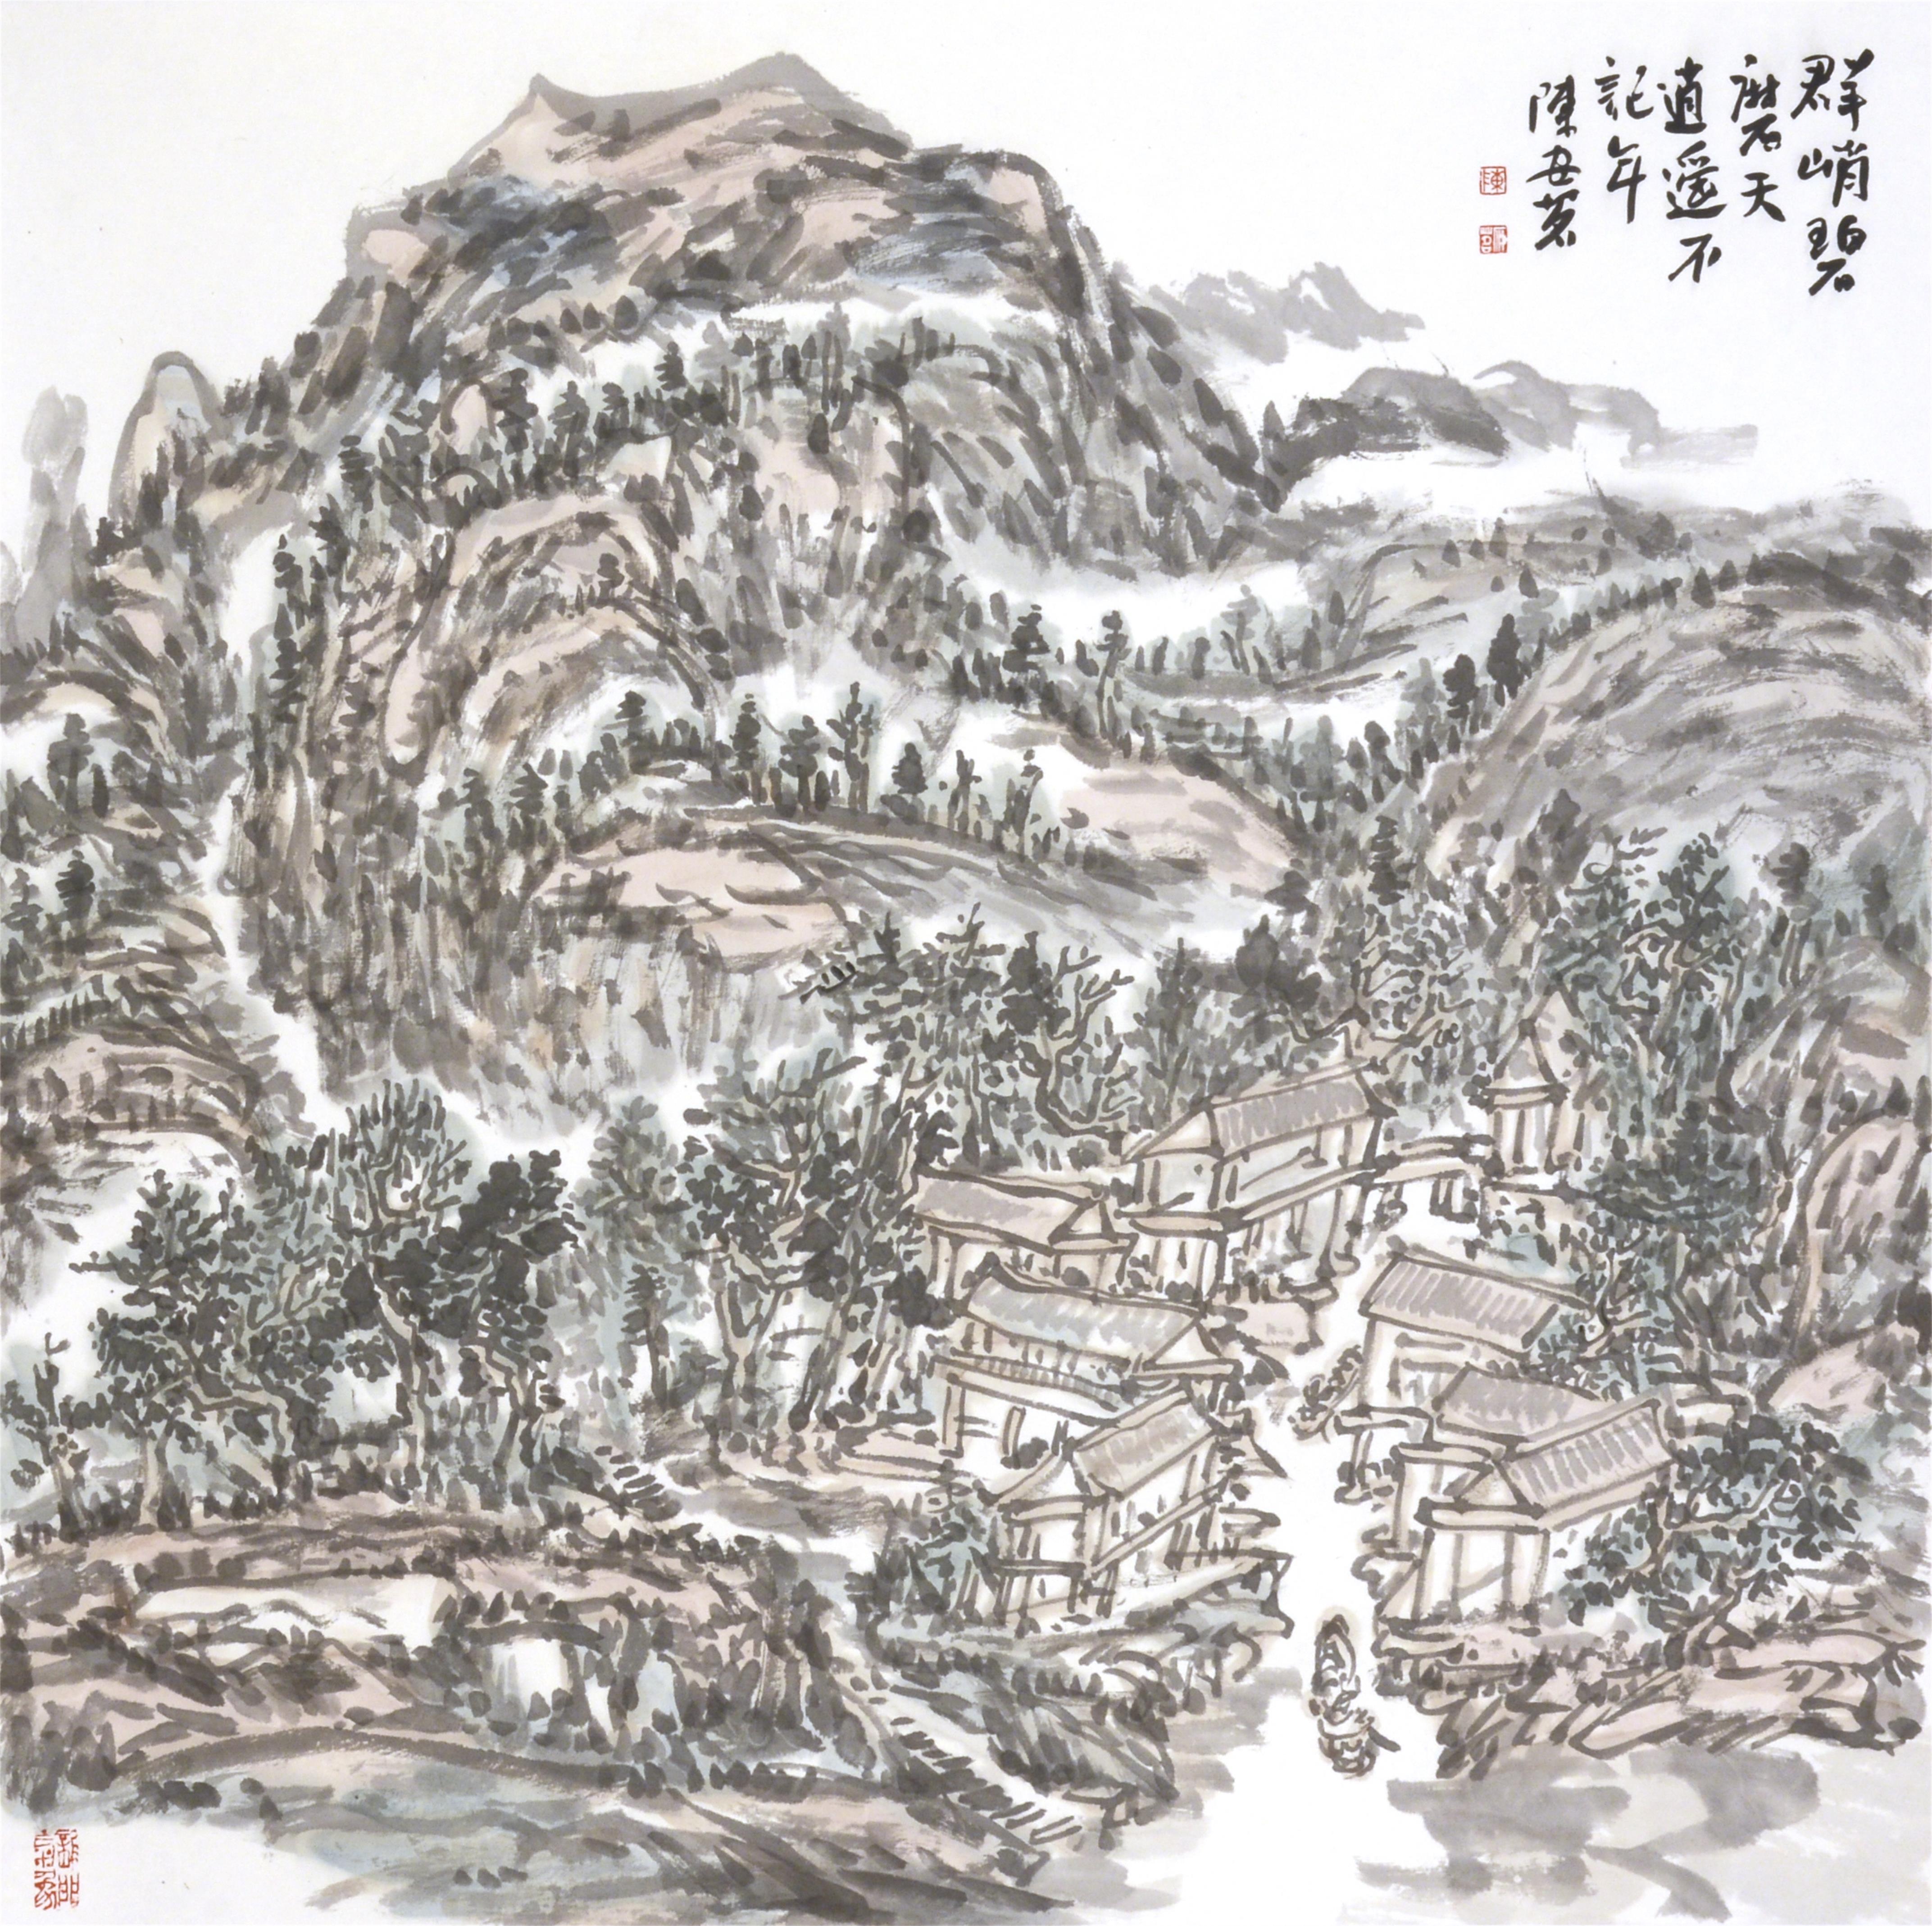 群峭碧摩天 逍遥不记年(69x69cm)陈安明2019年创作